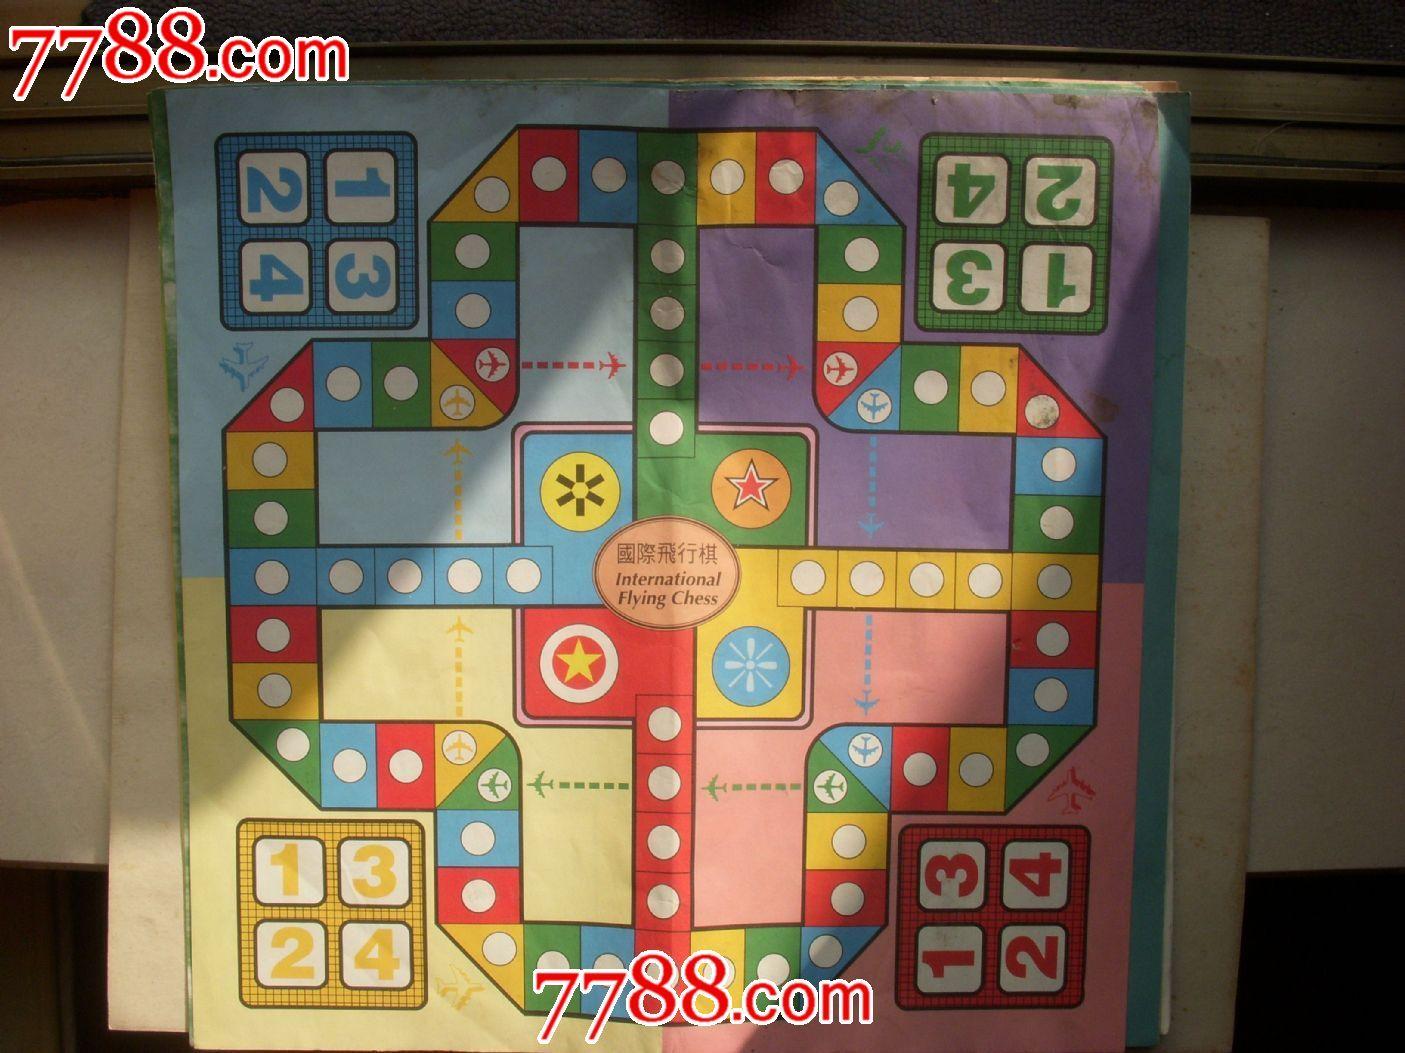 国际飞行棋纸棋盘